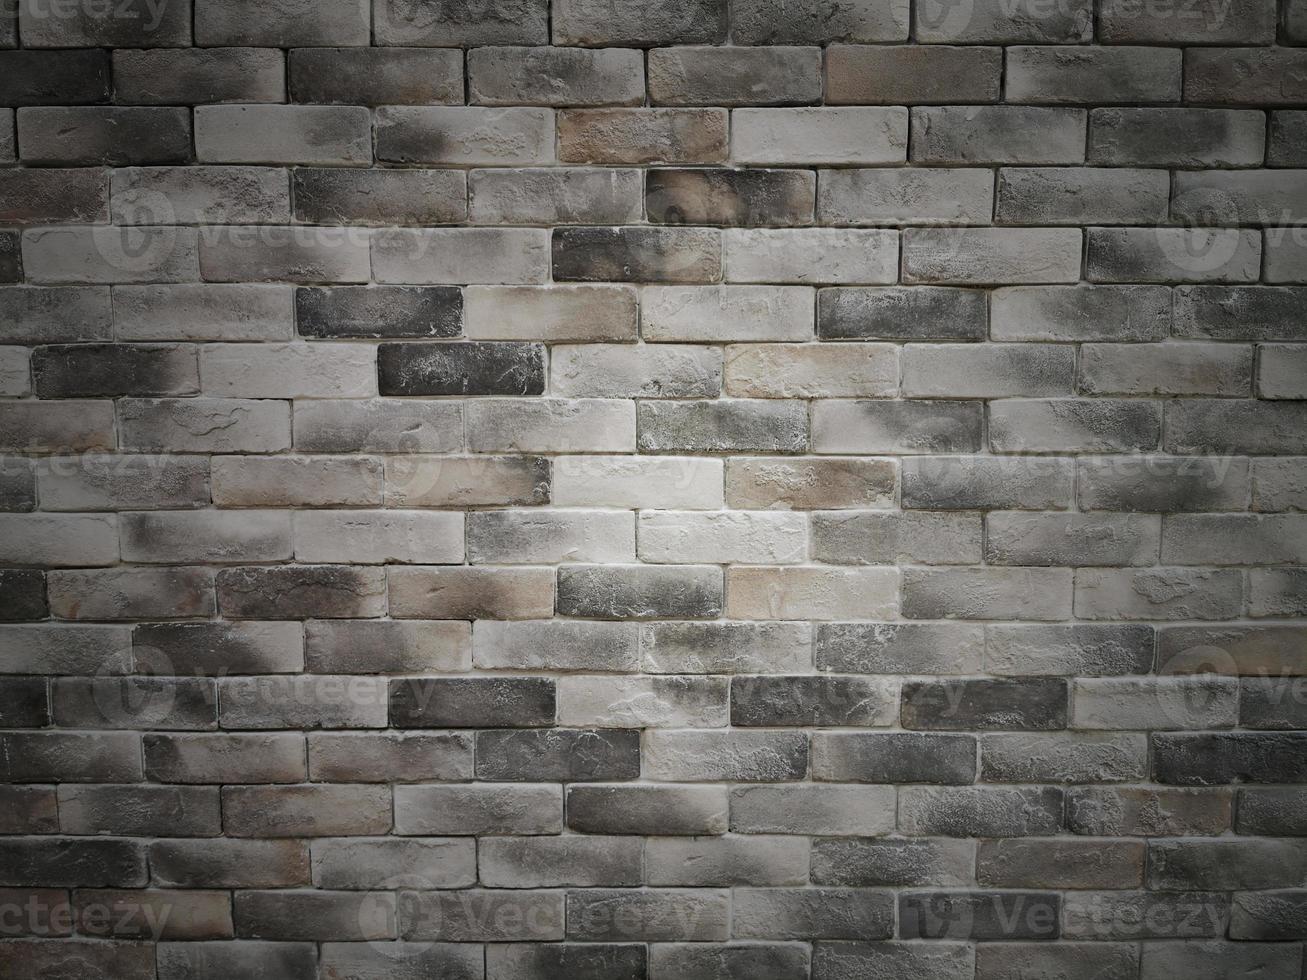 donkere bakstenen cement textuur muur achtergrond foto